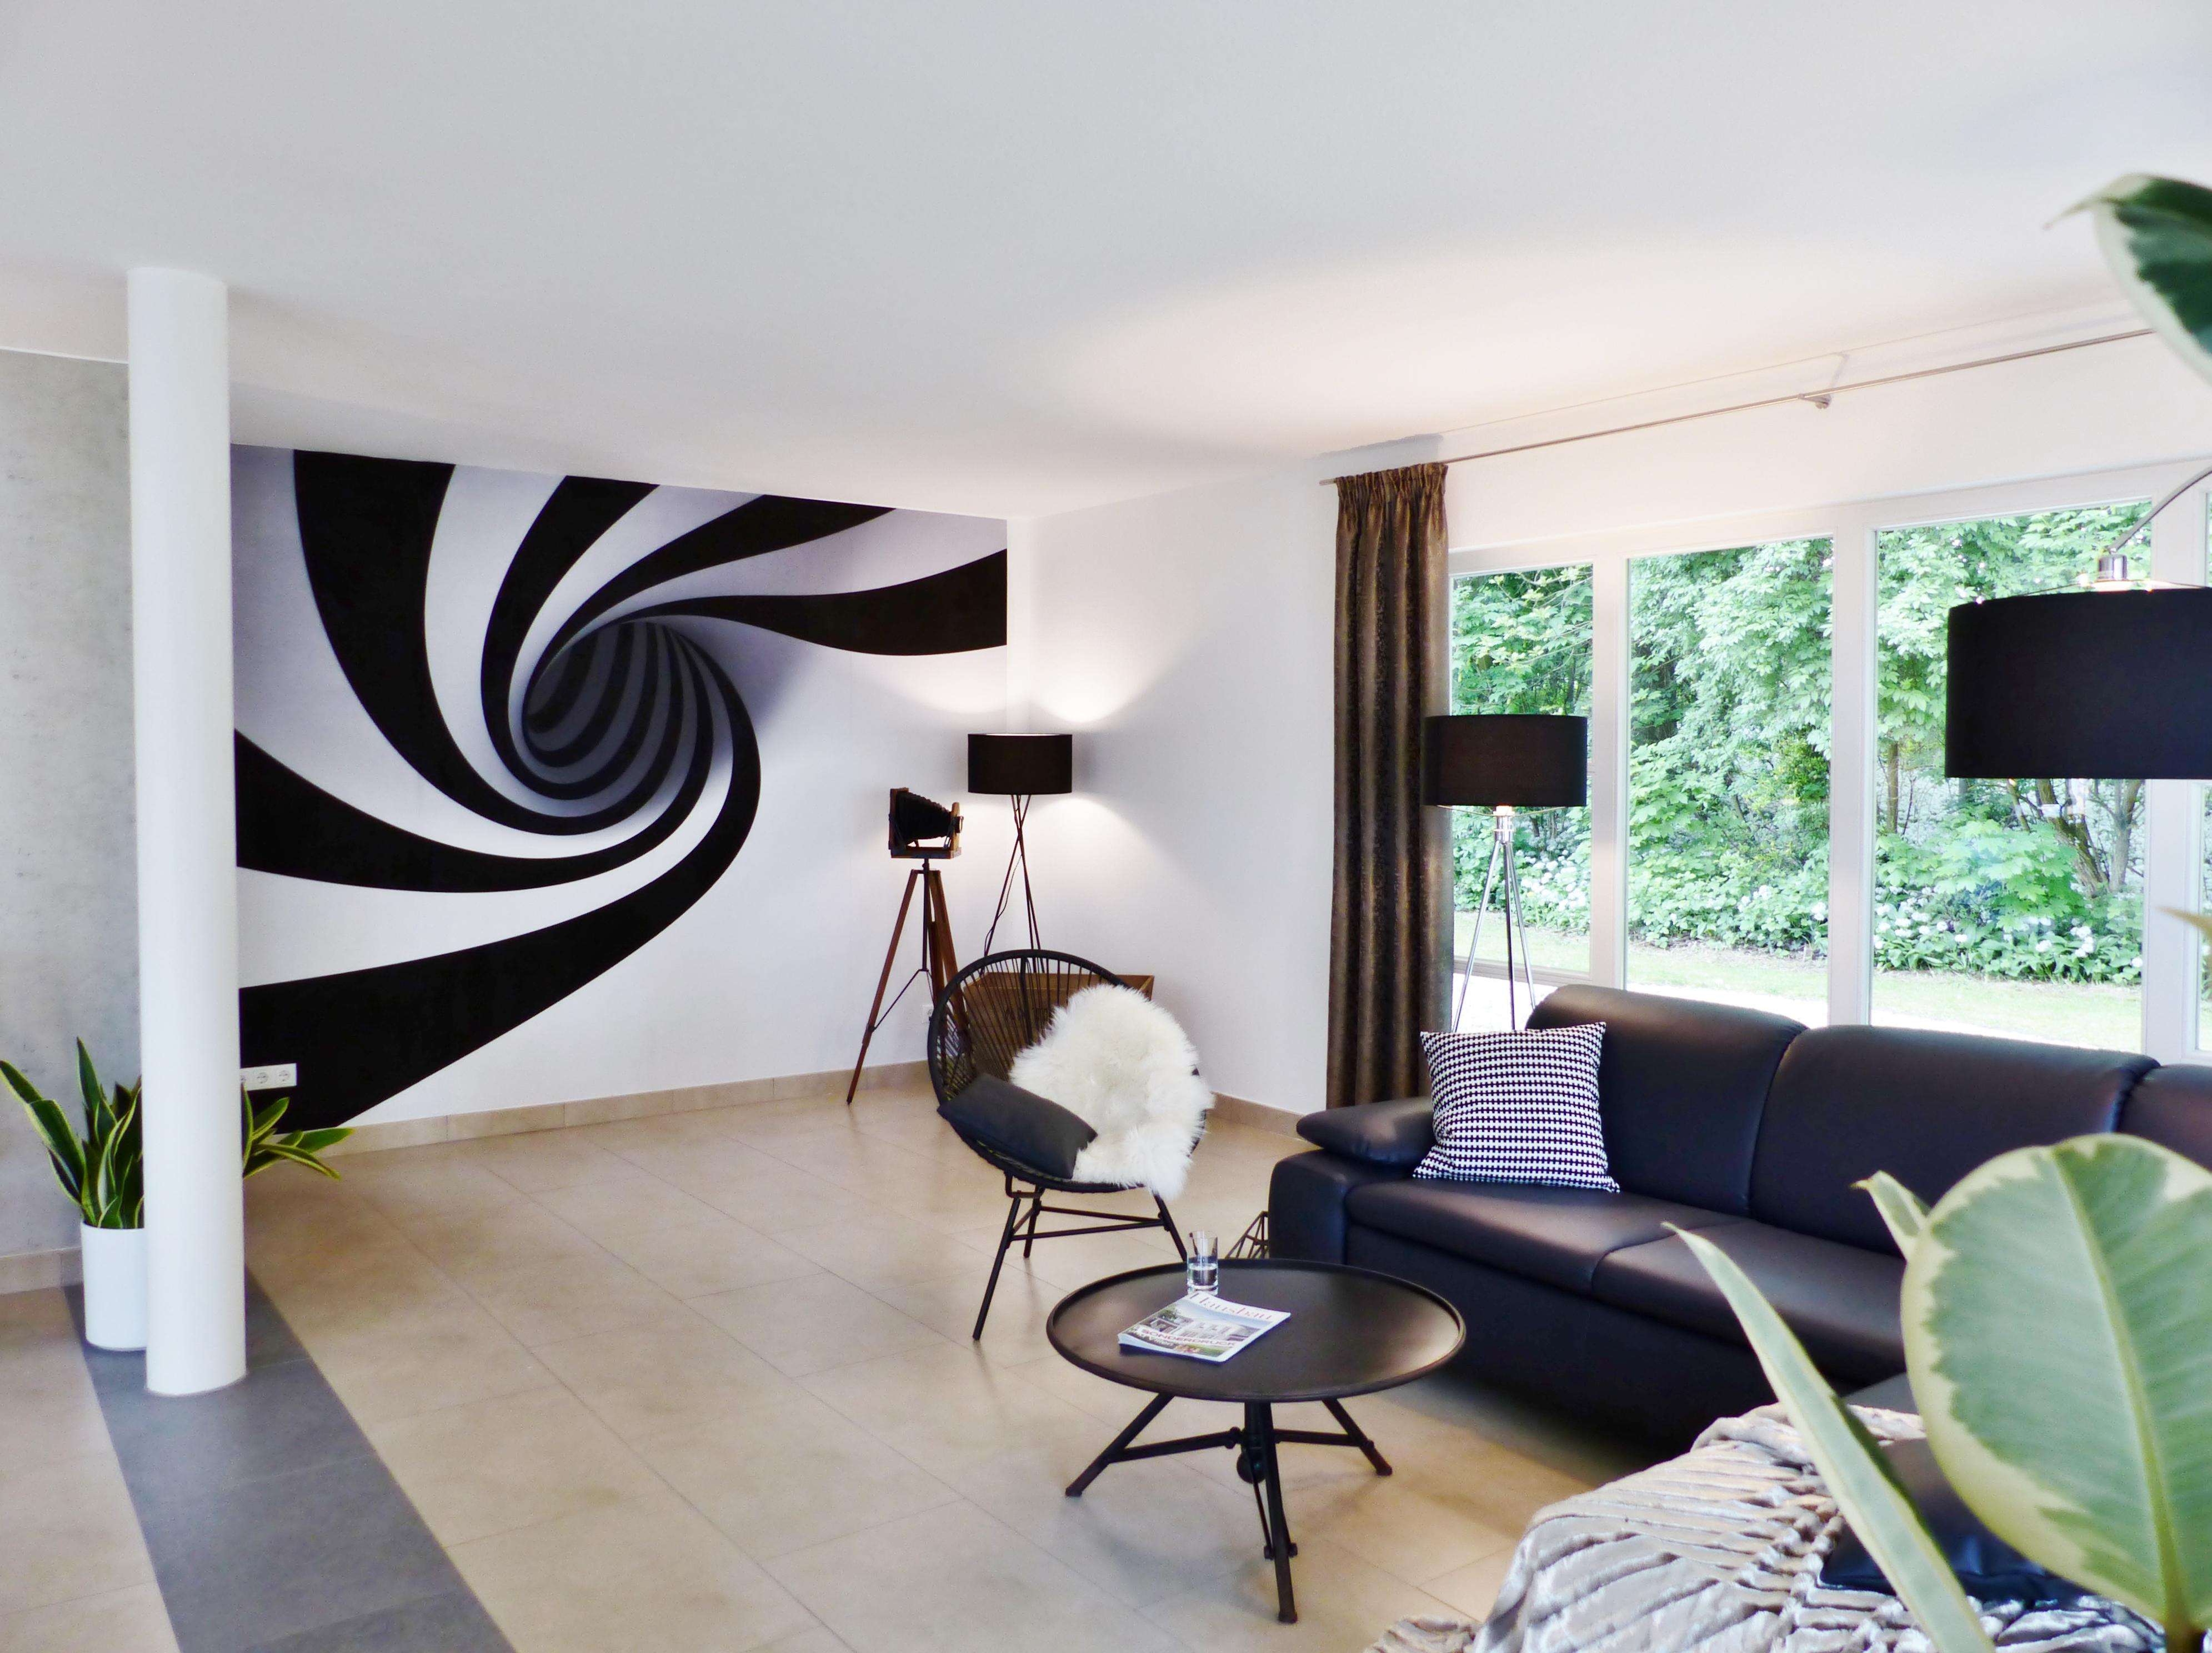 Wohnzimmer Wandgestaltung: Die schönsten Ideen